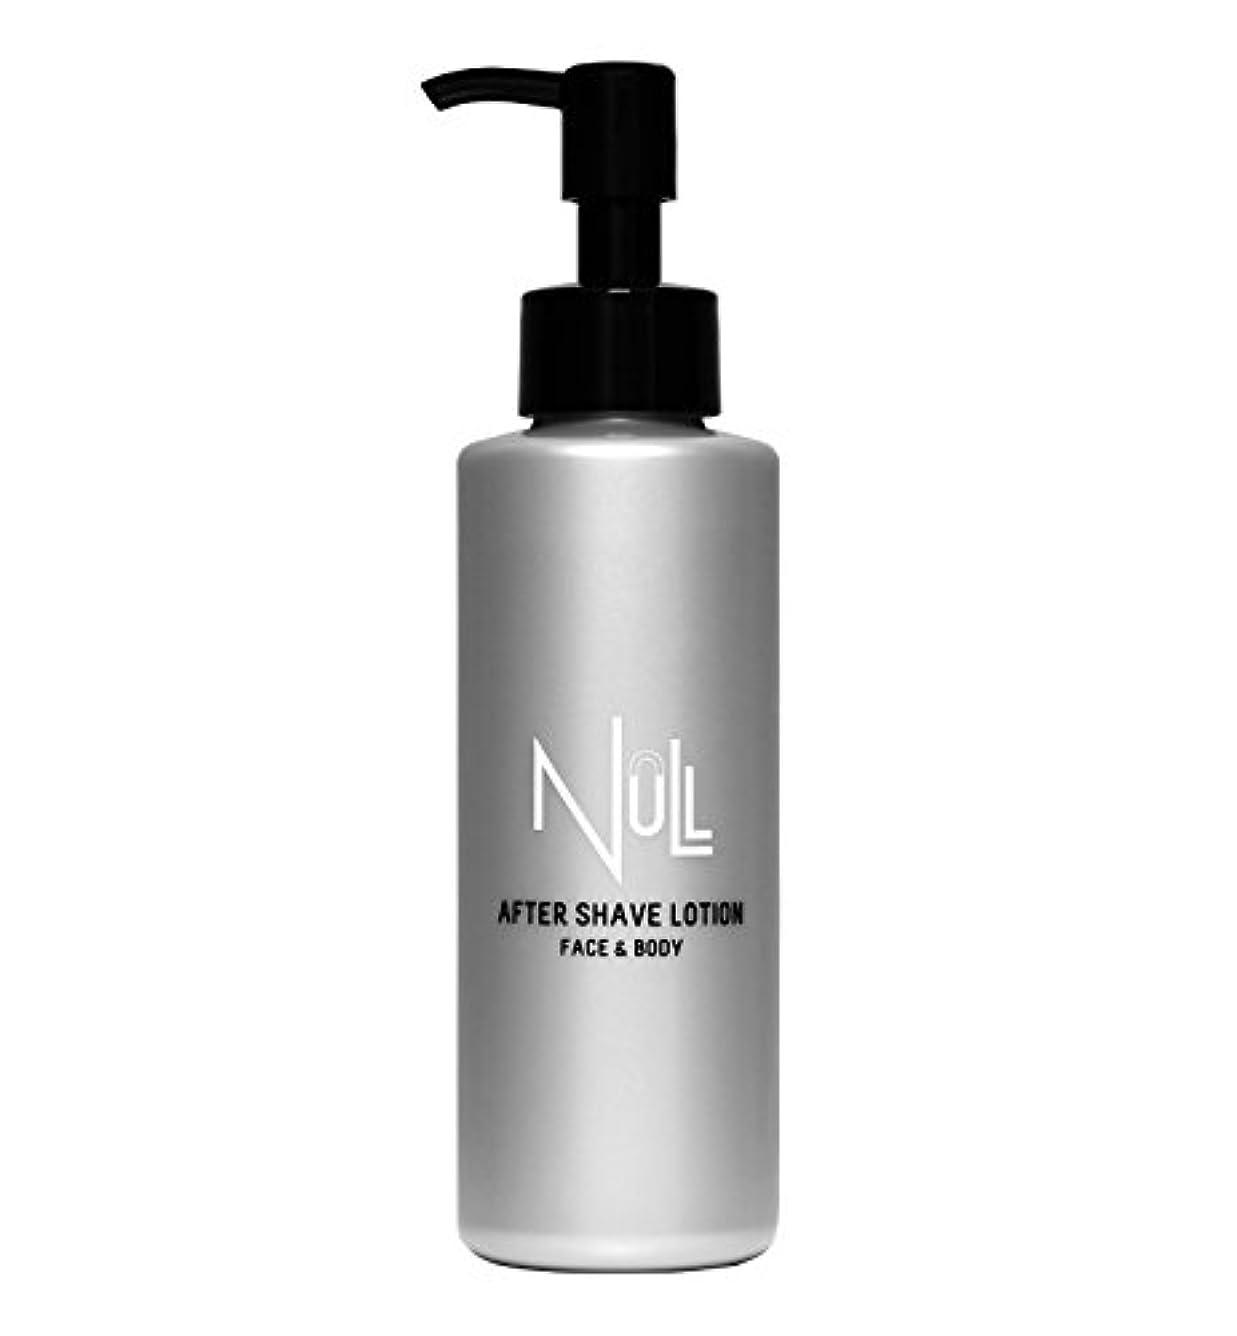 目的捨てる七時半NULL アフターシェーブローション 化粧水 150ml 【メンズ】除毛やヒゲ剃りのアフターケアに